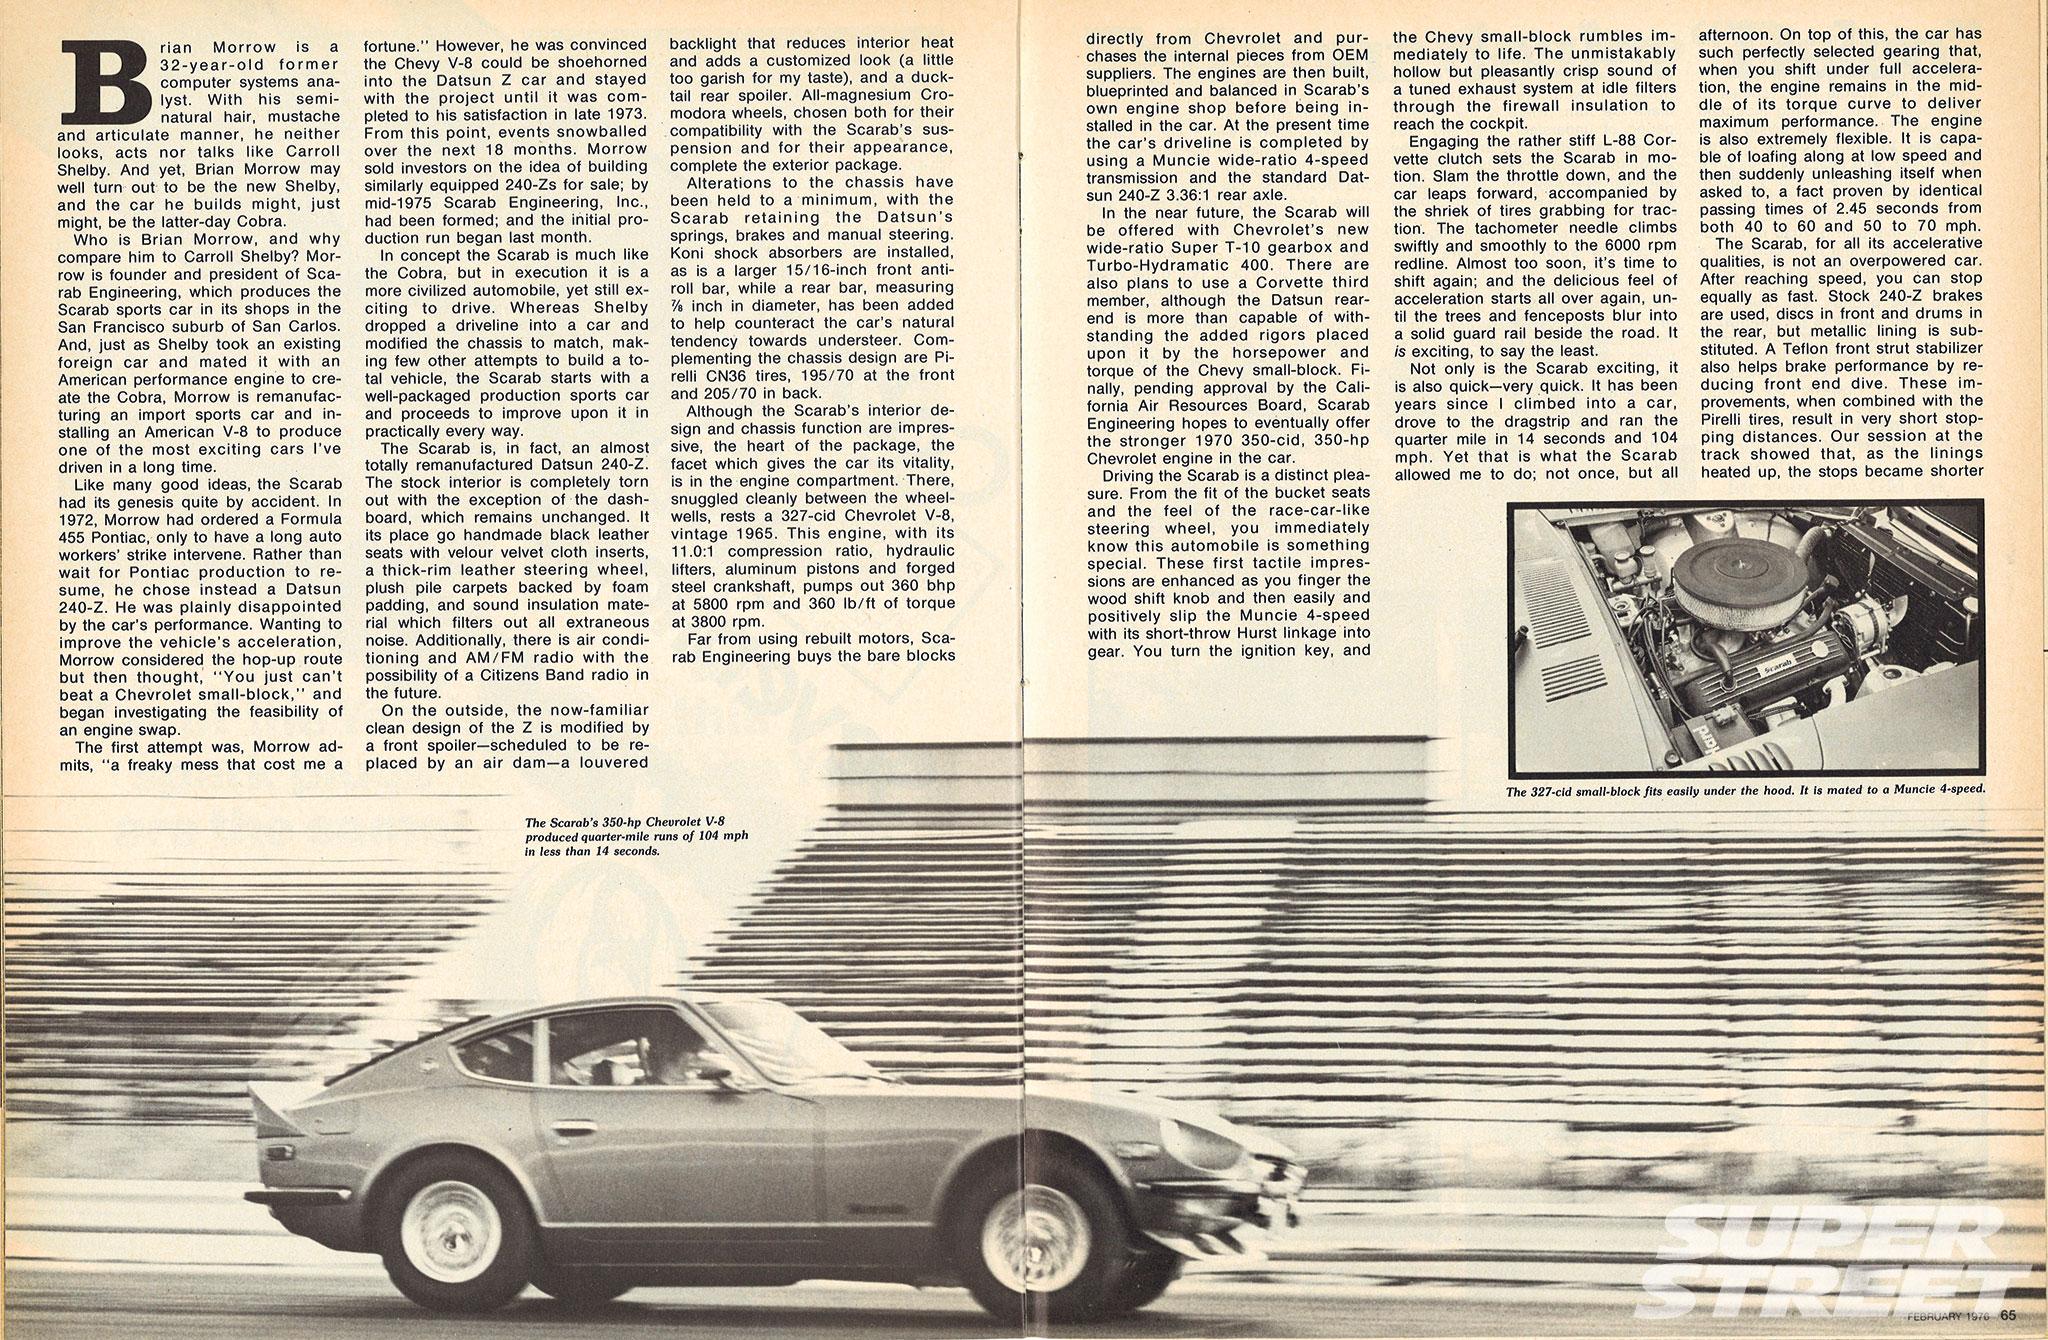 1972 Datsun 240Z - 650hp of Chevy Power